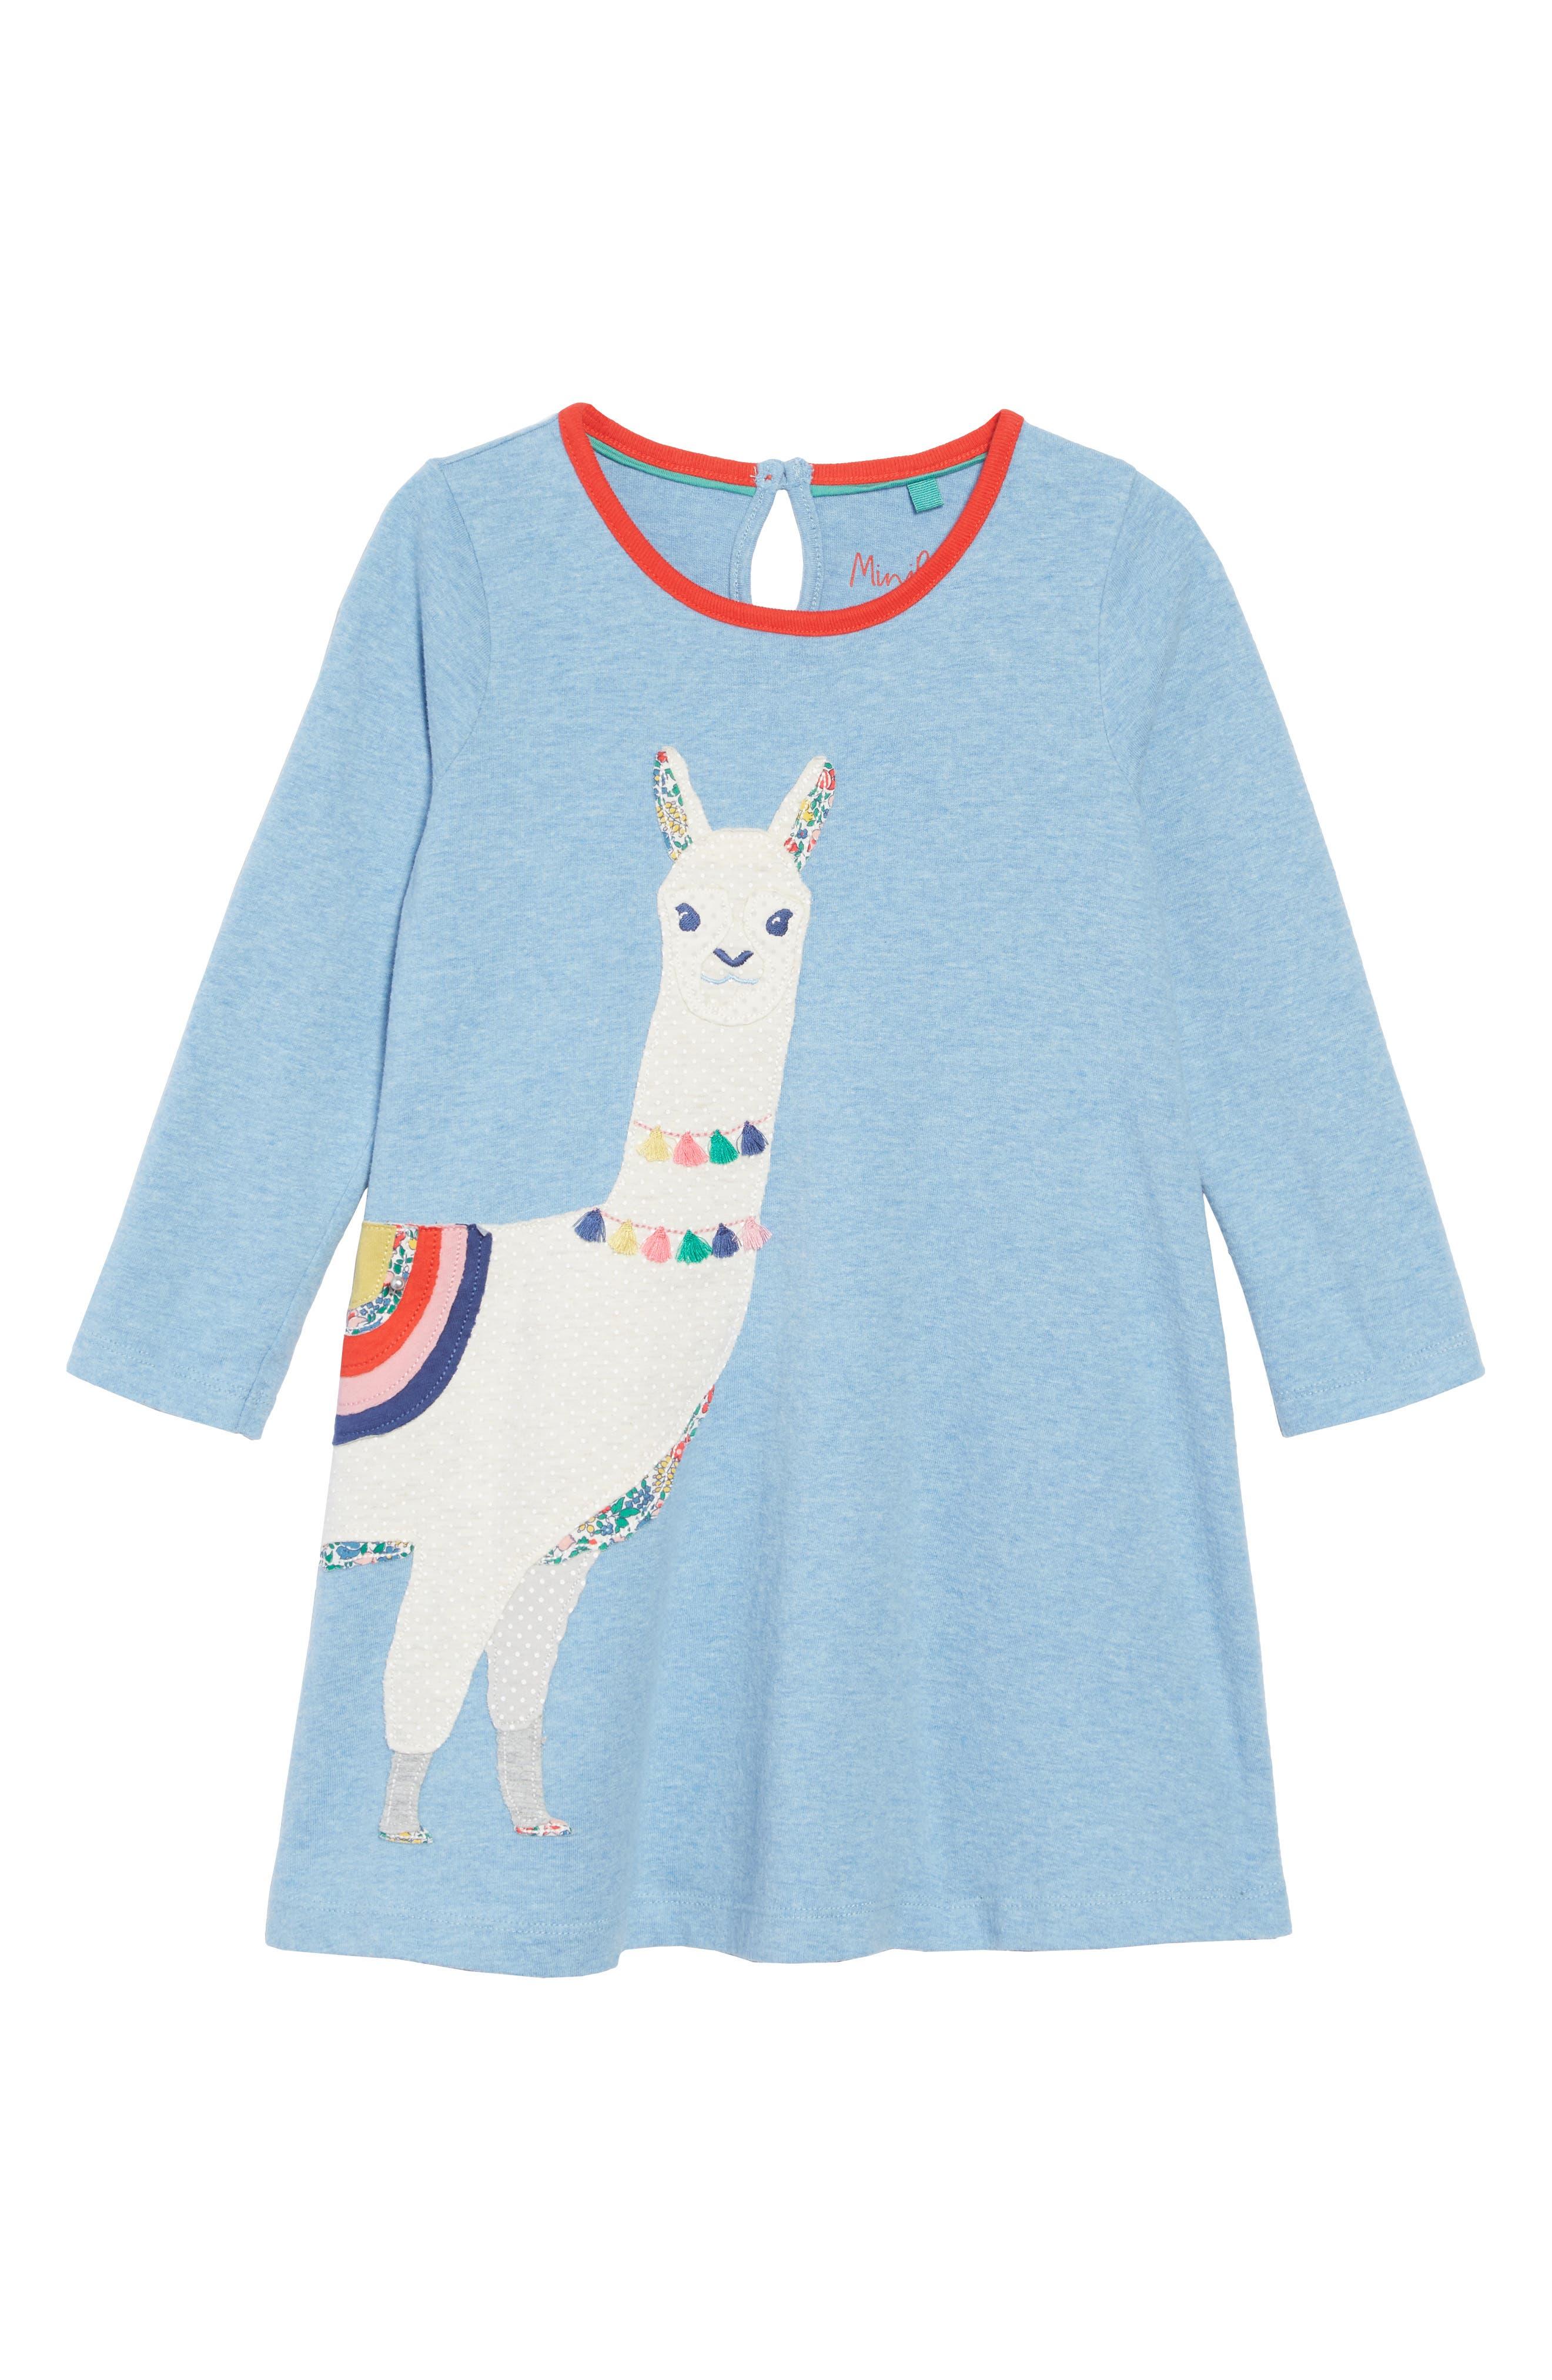 Patchwork Appliqué Dress,                         Main,                         color, BLUE MARL LLAMAS